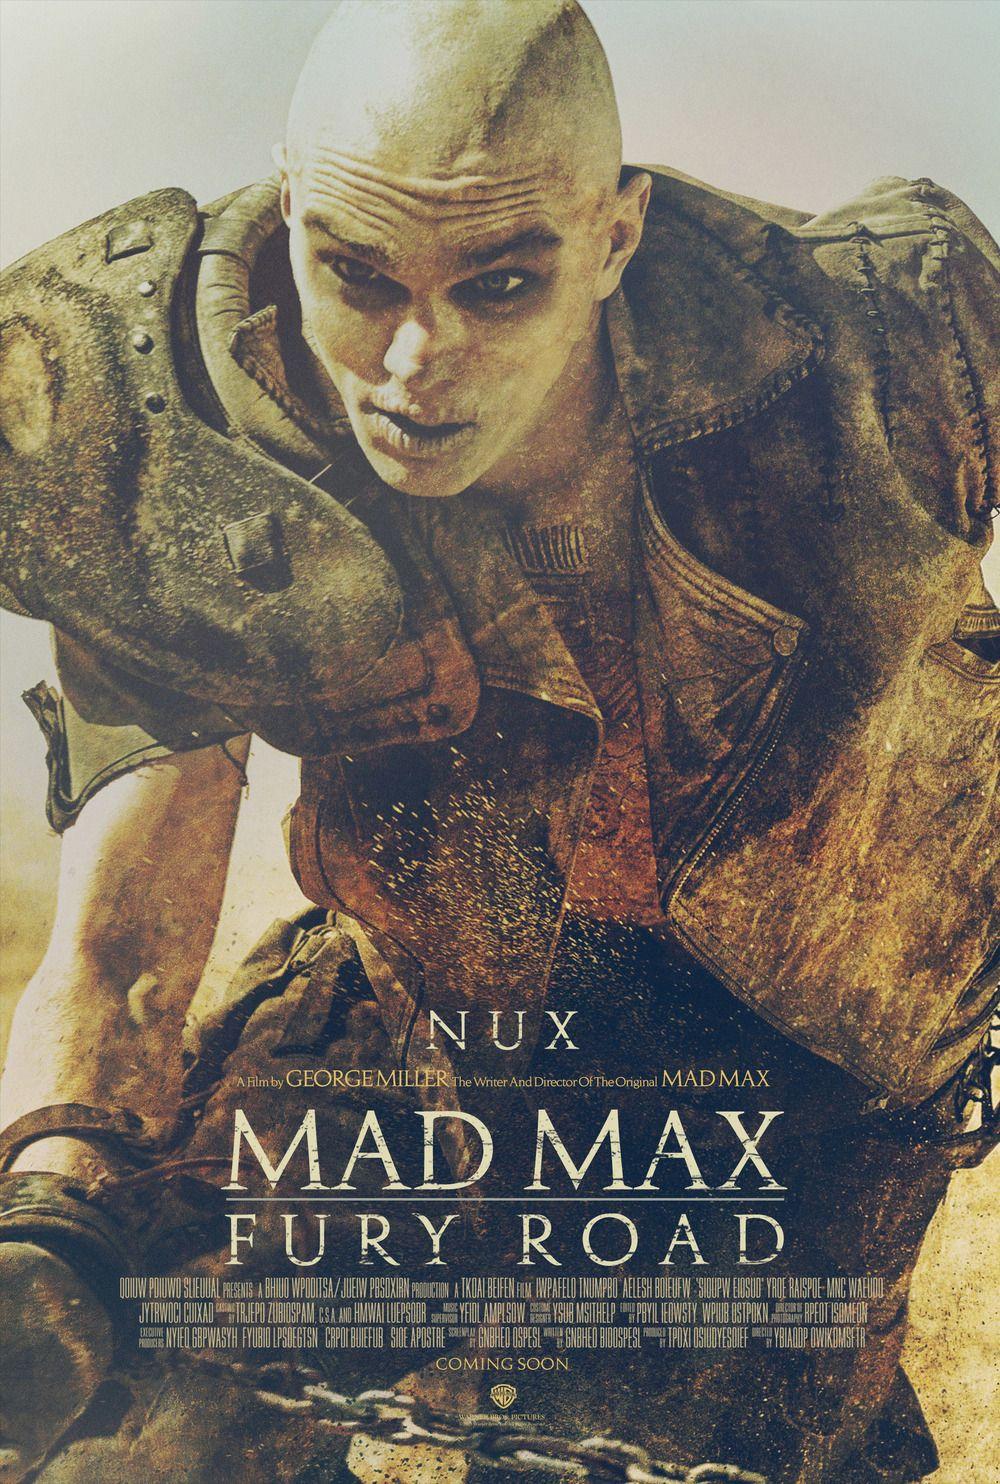 Pin By Ignacio Quintana On Movies Imdb Mad Max Fury Road Mad Max Mad Max Fury